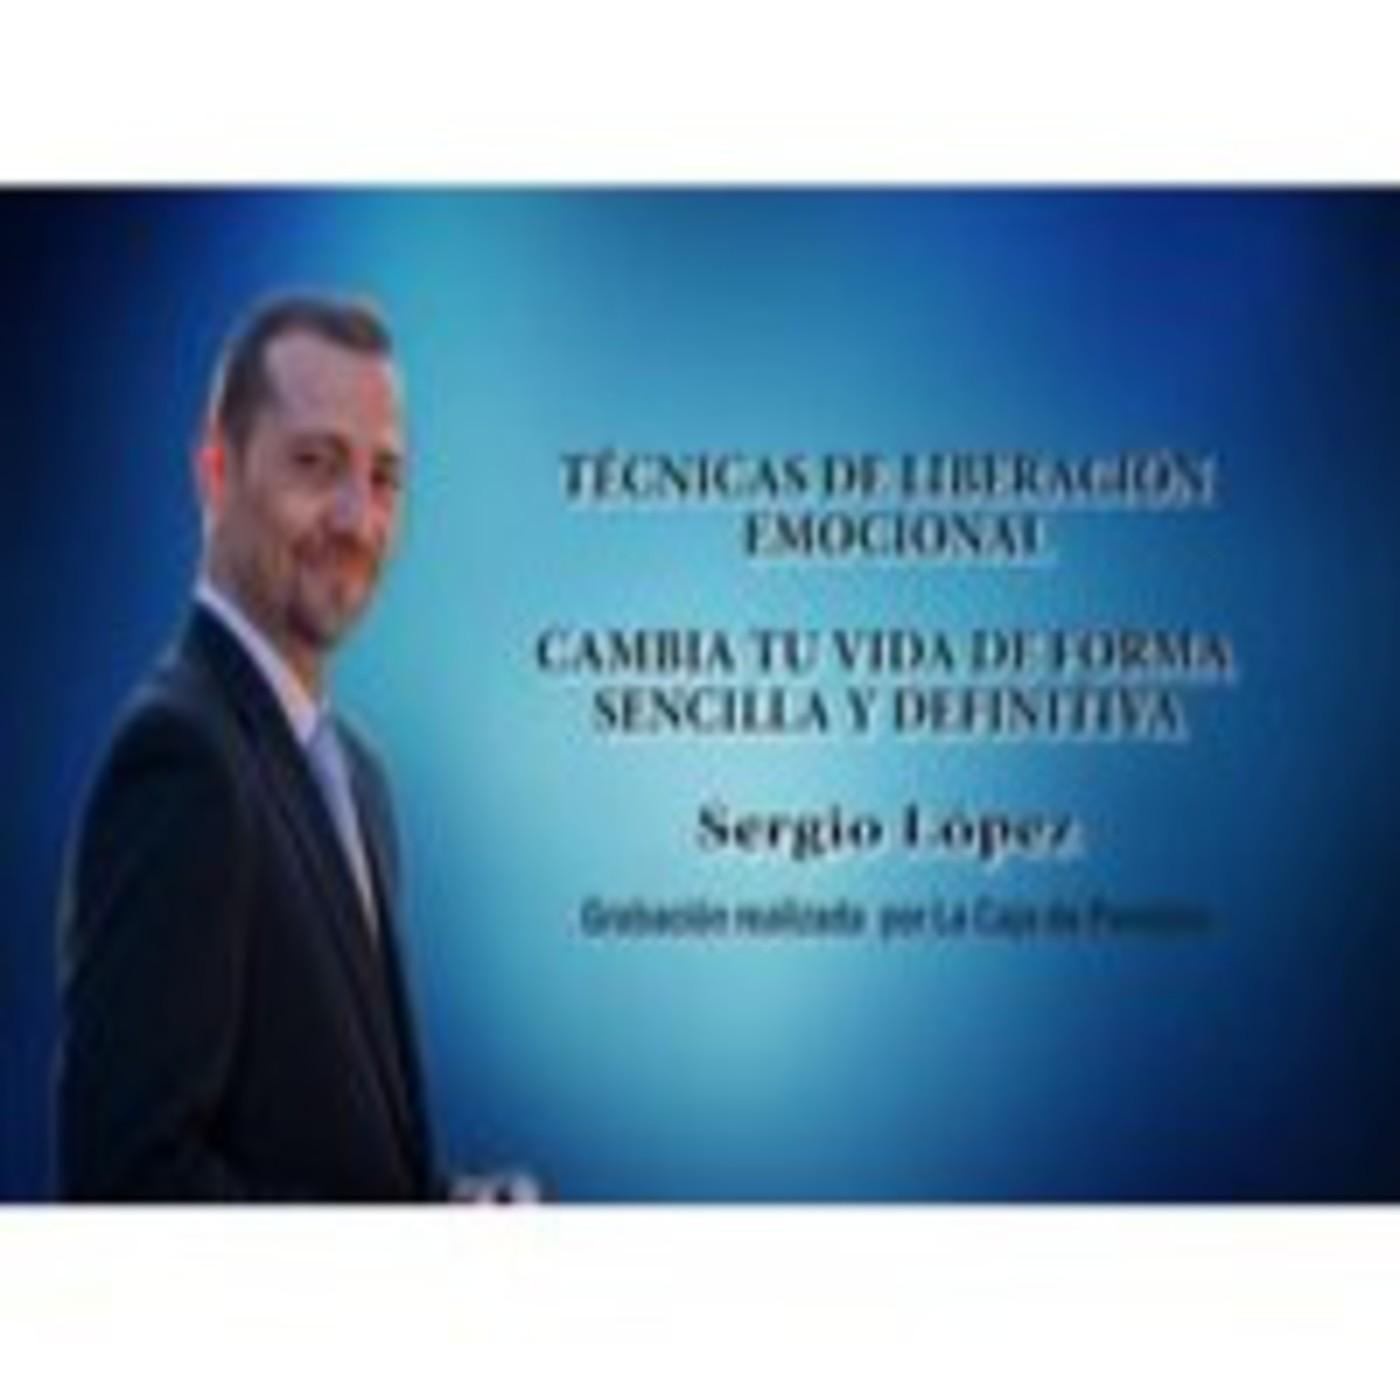 TÉCNICAS DE LIBERACIÓN EMOCIONAL Cambia tu vida de forma sencilla y definitiva Sergio López